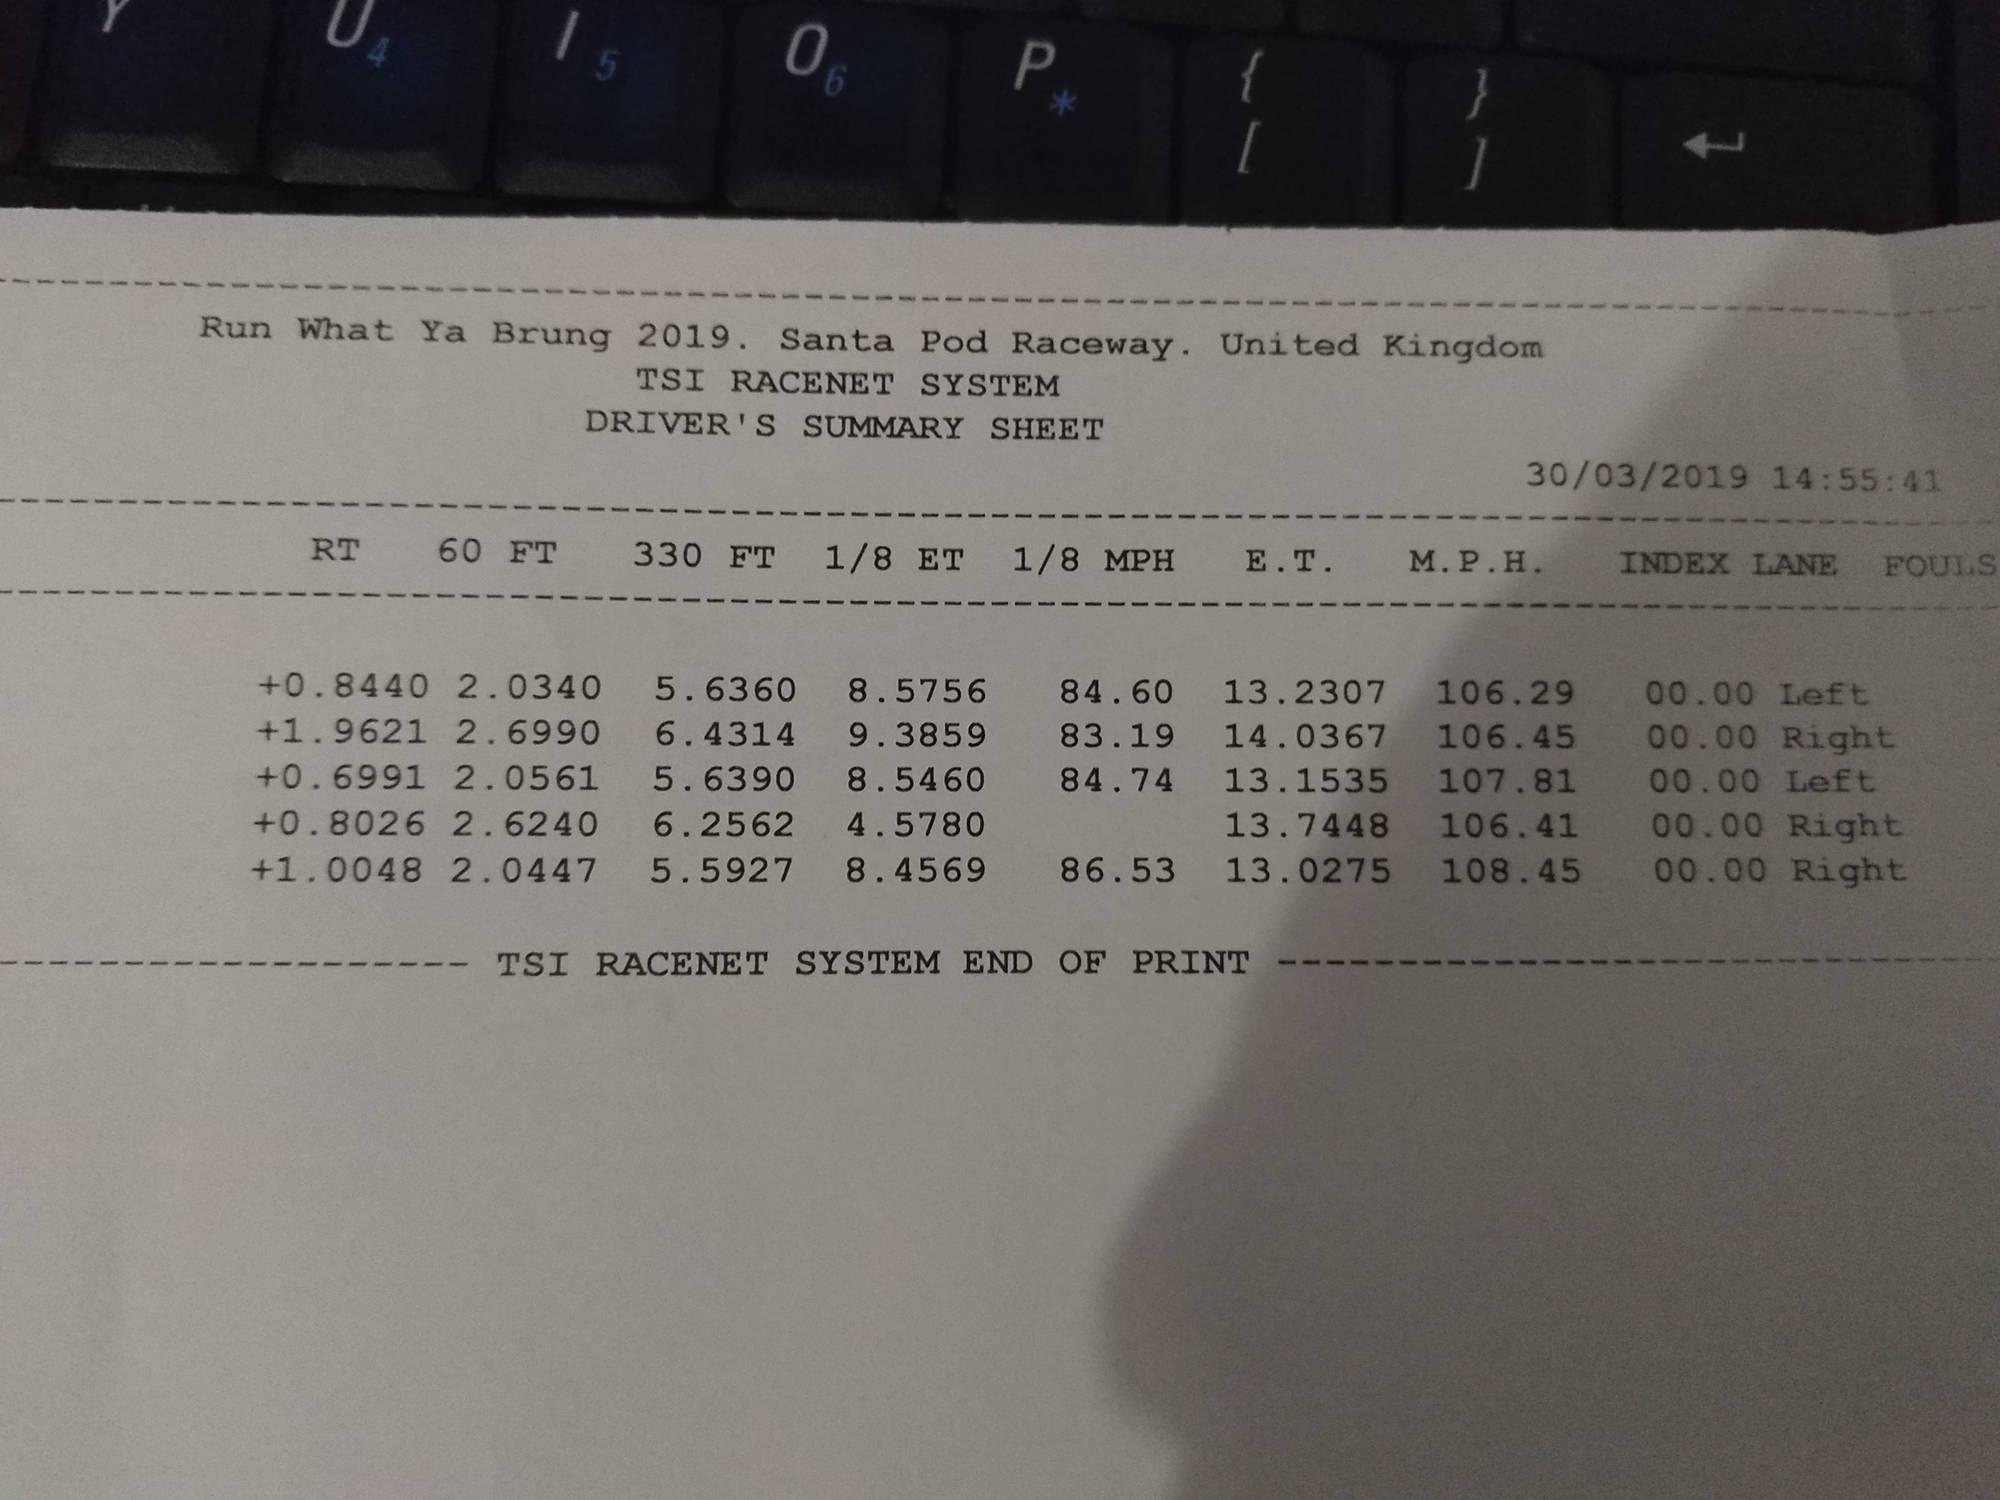 99 1 8 - TD04 MS2 - Miata Turbo Forum - Boost cars, acquire cats